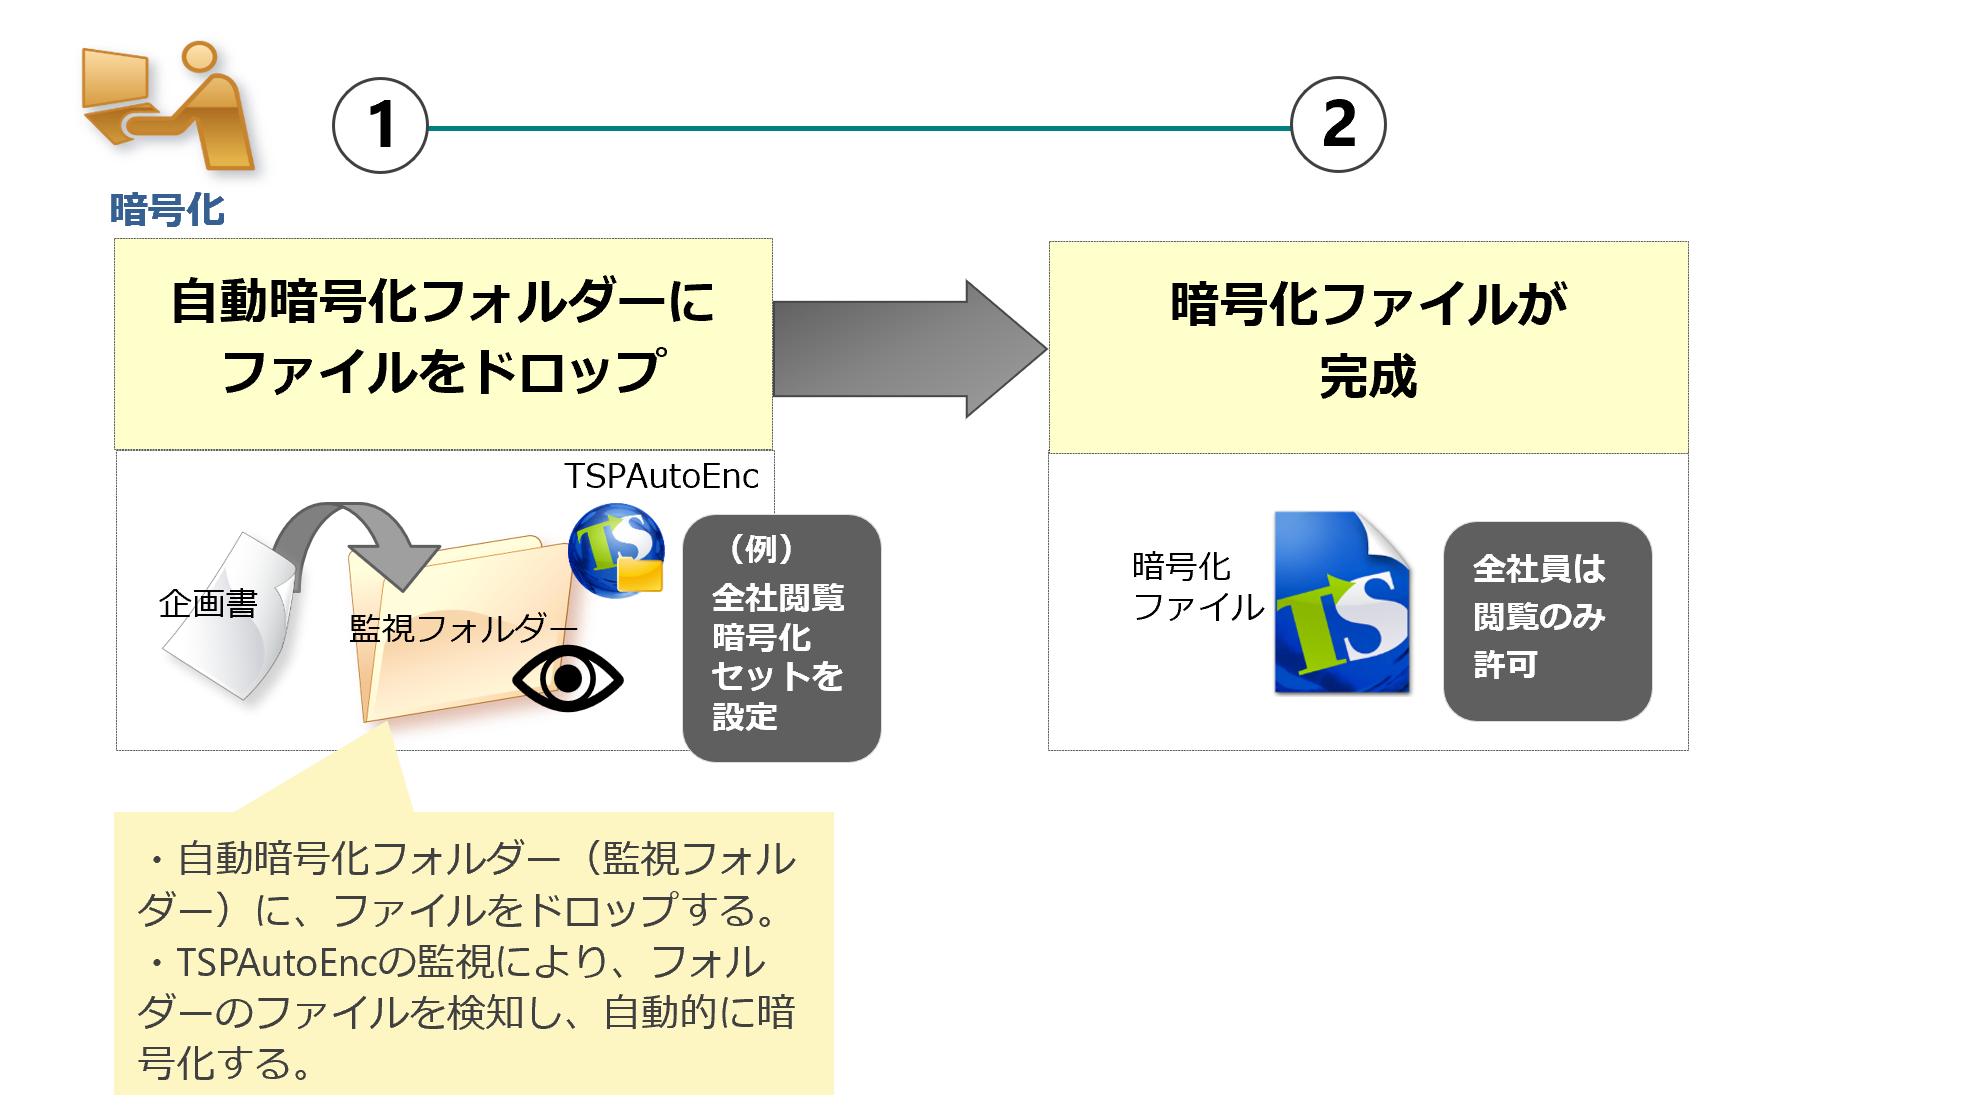 自動暗号化フォルダーの利用(暗号化者)